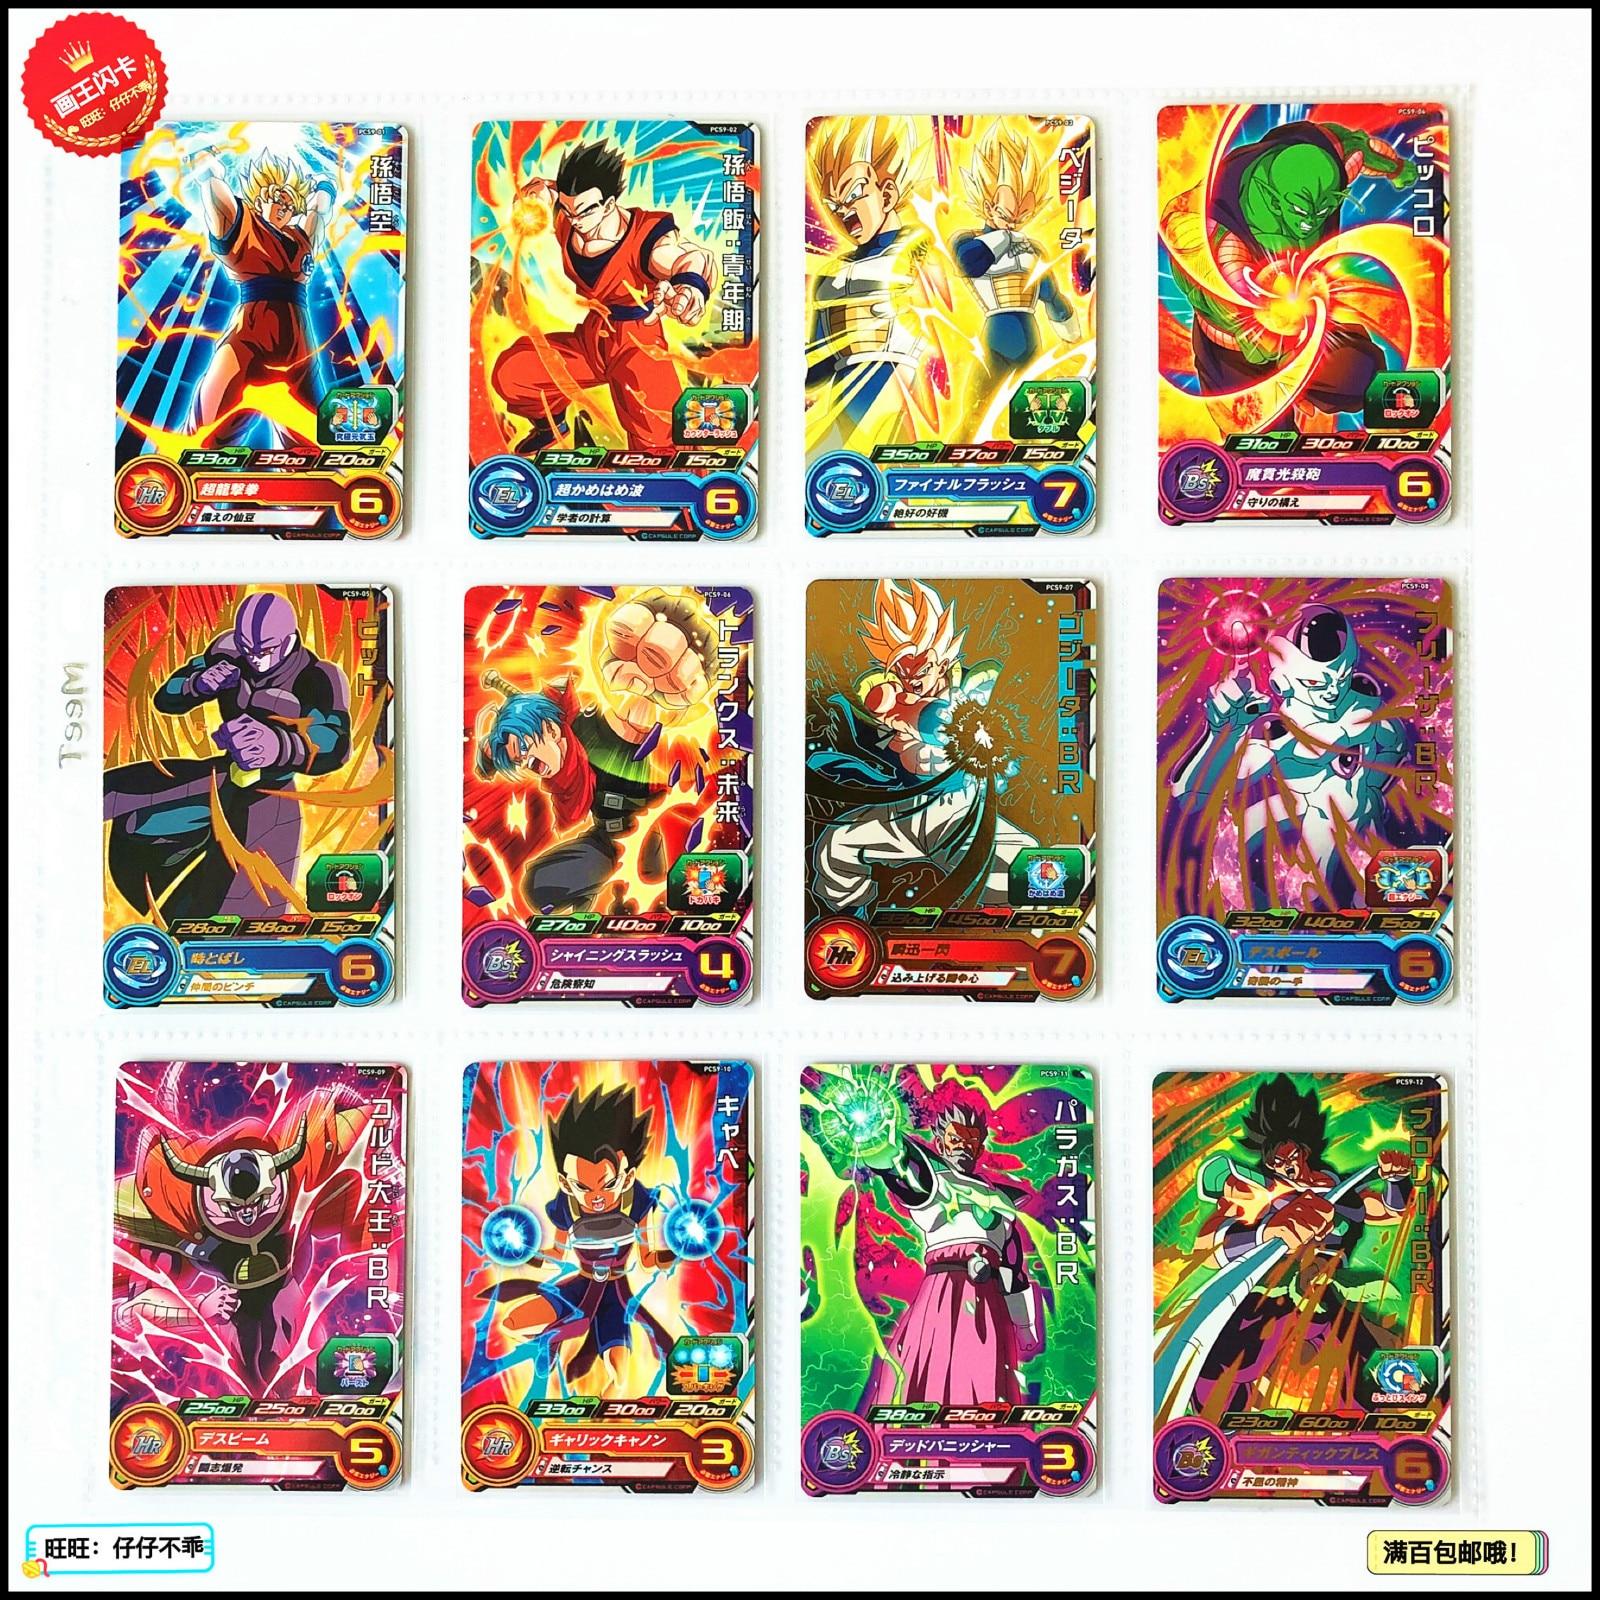 Japan Original Dragon Ball Hero Card PCS9 Goku Toys Hobbies Collectibles Game Collection Anime Cards